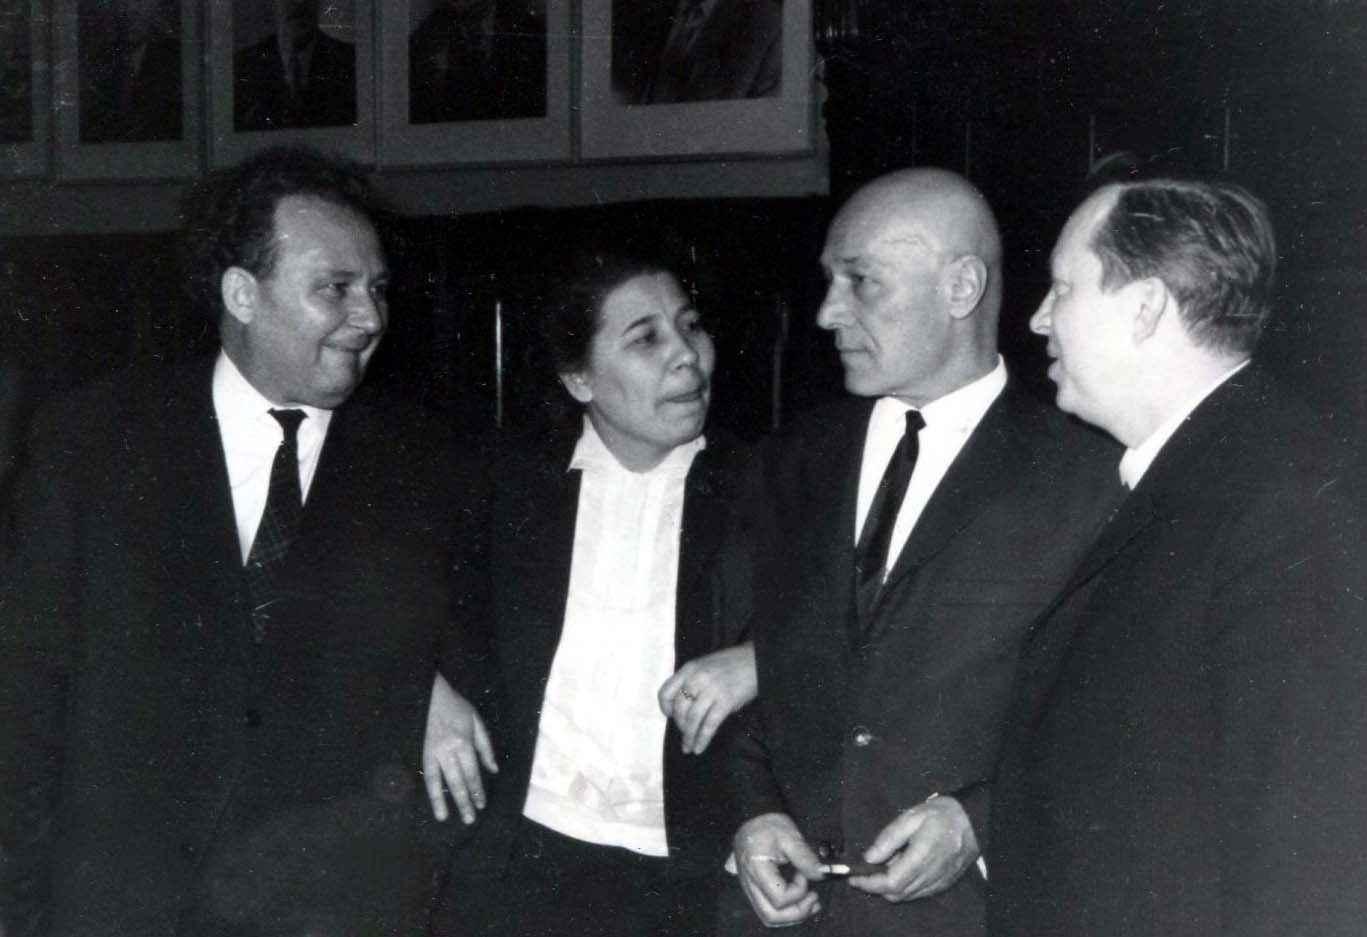 Экспонат #74. И. Стаднюк, З. Алимова, Н. Грибачёв в ЦДЛ. 27 февраля 1968 года